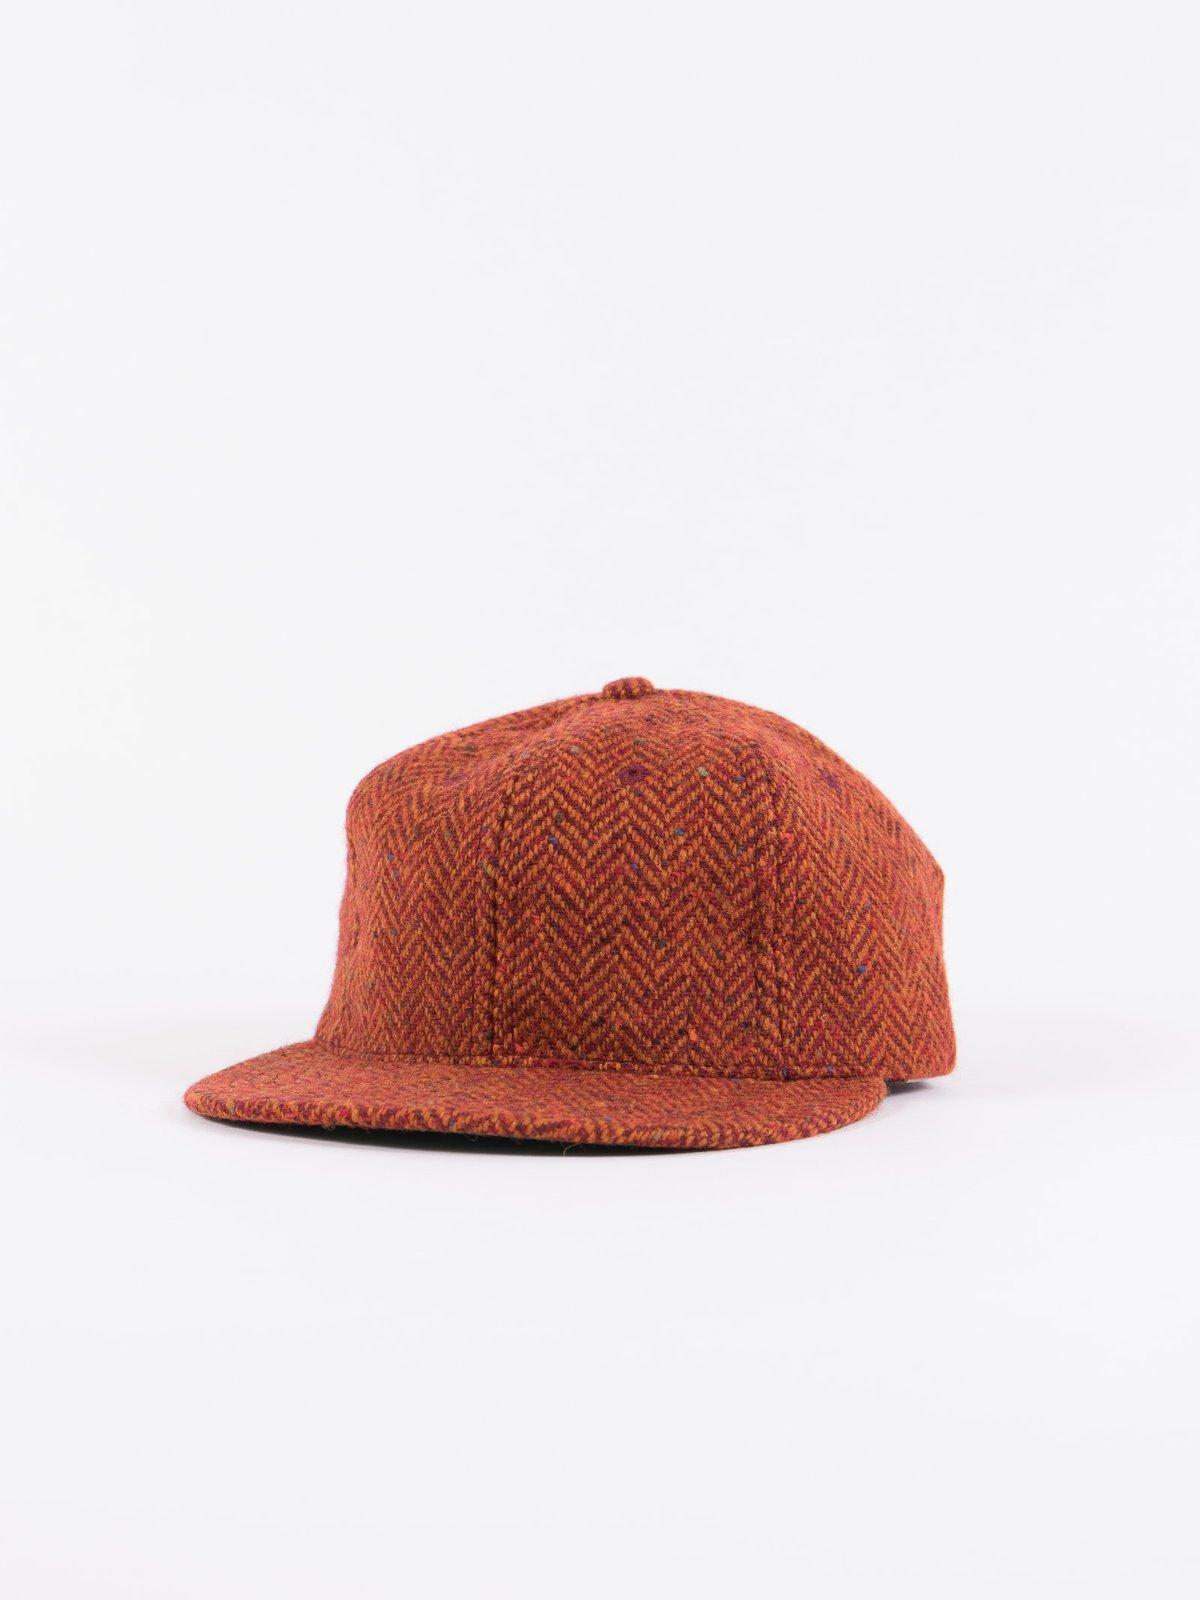 Rust HB Tweed NIer 6 Panel Ballcap - Image 1